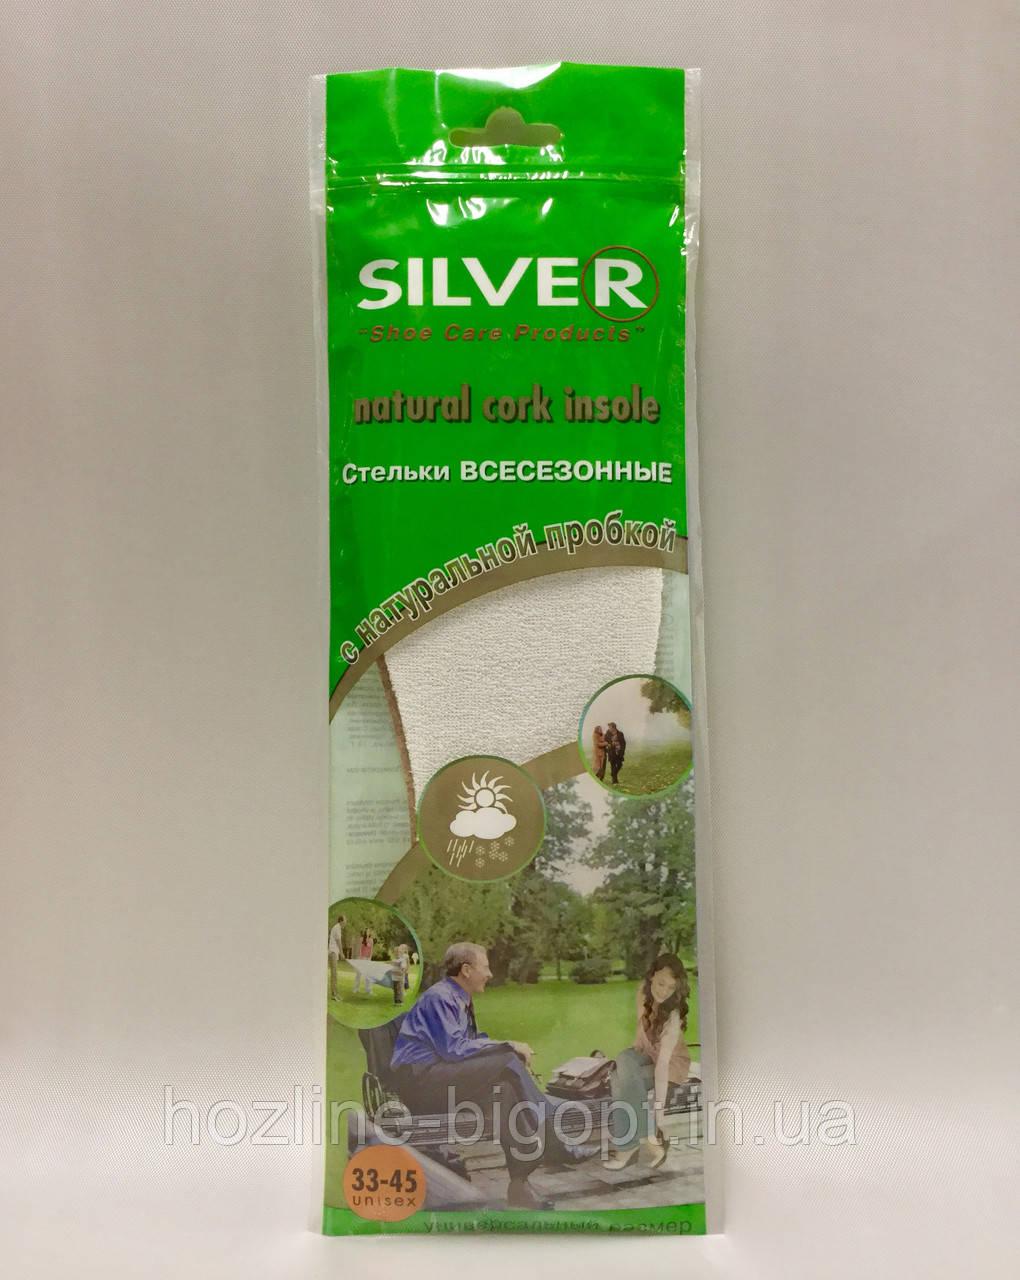 Silver Premium стельки всесезонные с натуральной пробкой